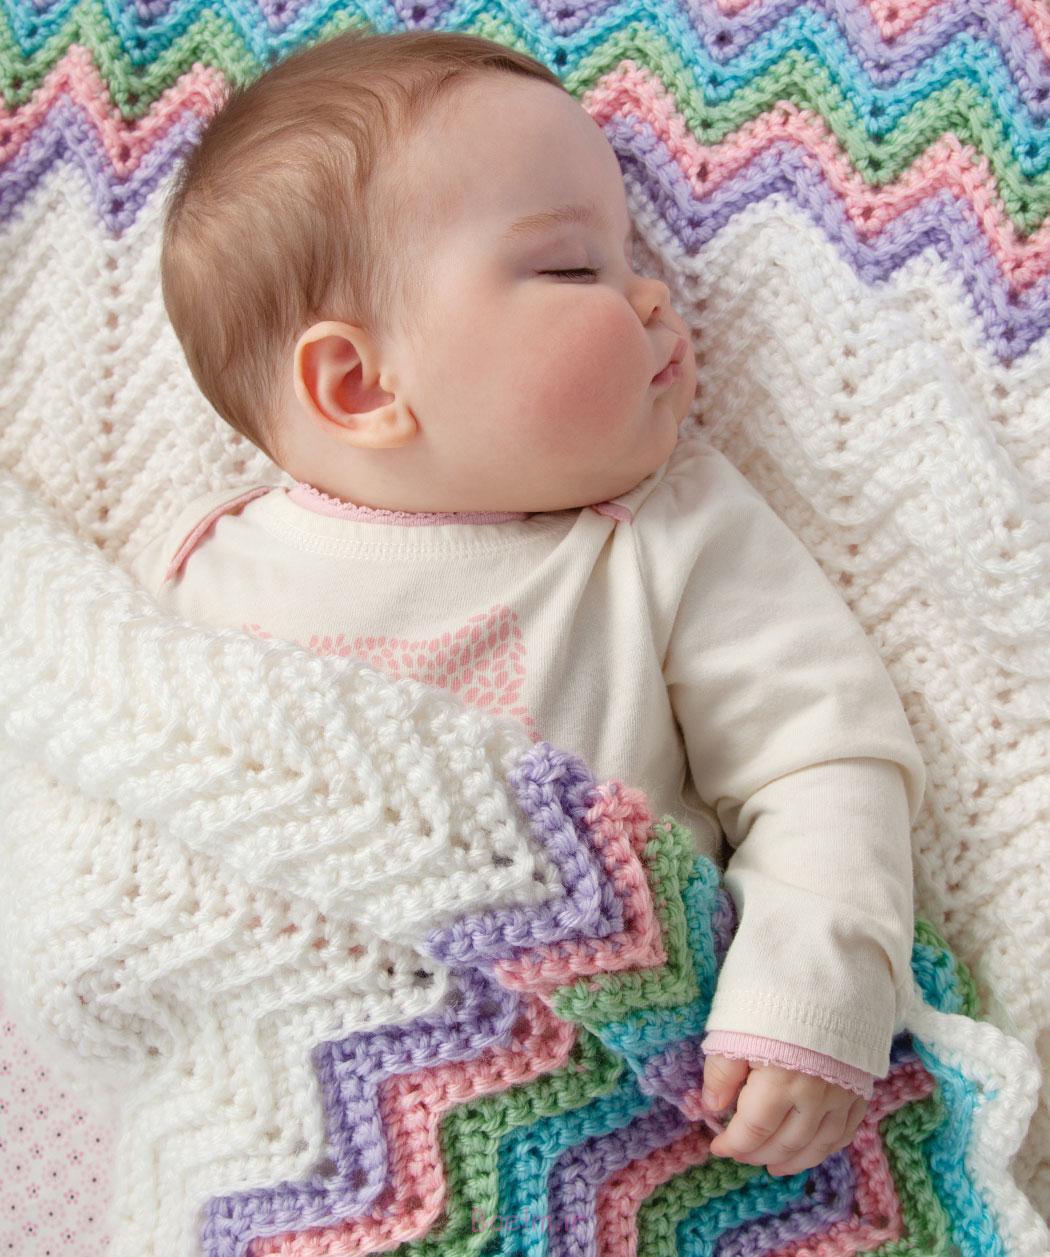 4 قلاب دوزی الگوهای پتو نوزاد با تصاویر (17)